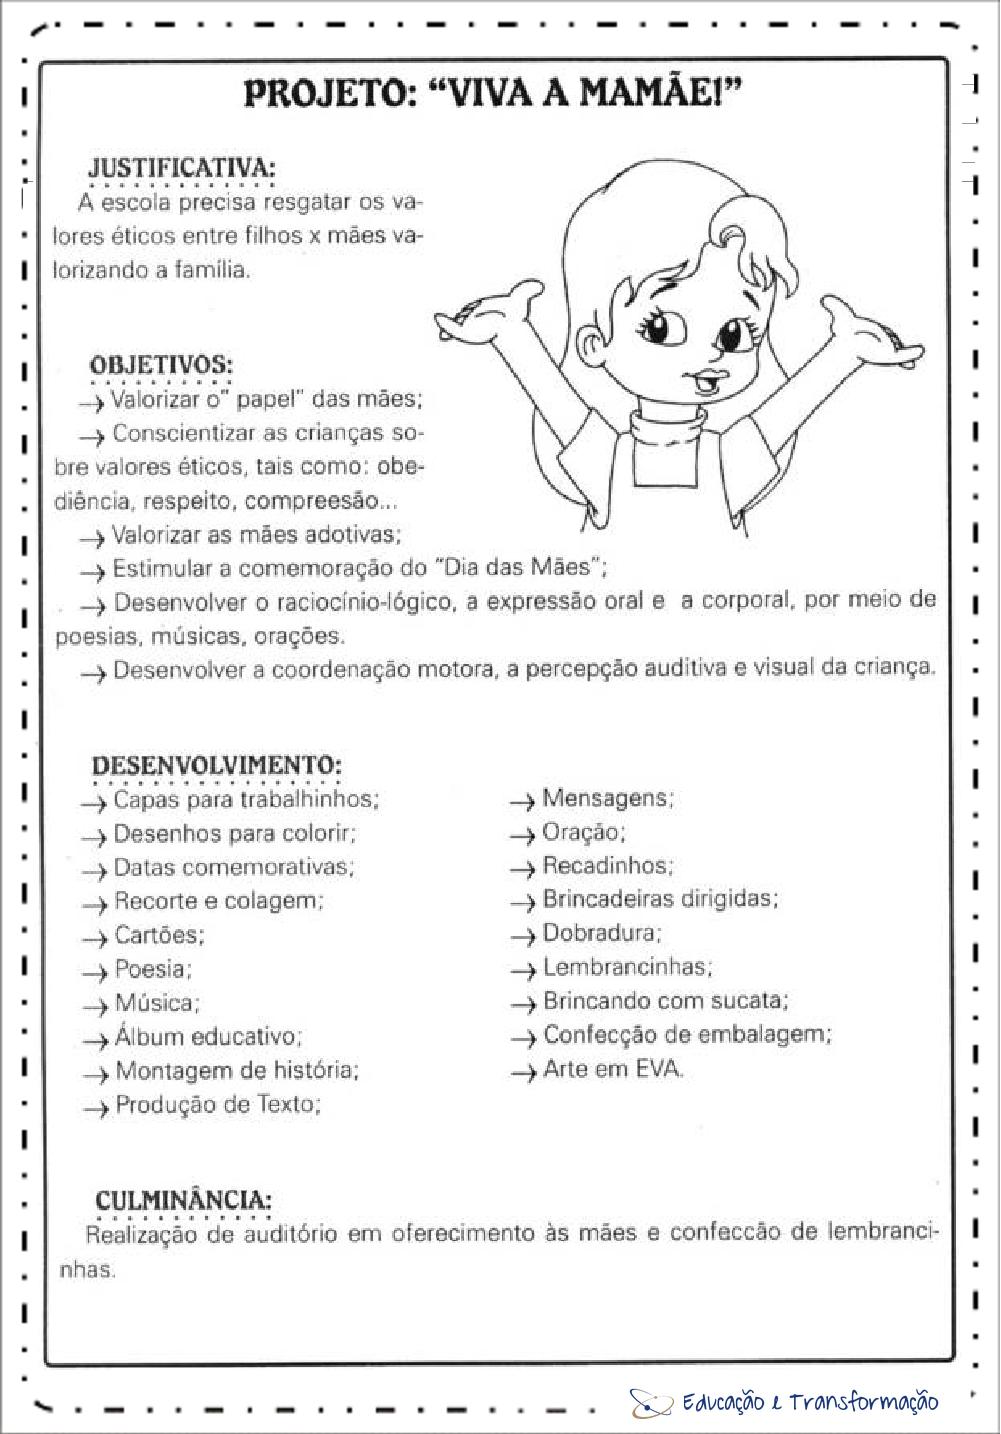 Excepcional Plano de Aula Dia das Mães para Educação Infantil e Ensino Fundamental UQ51